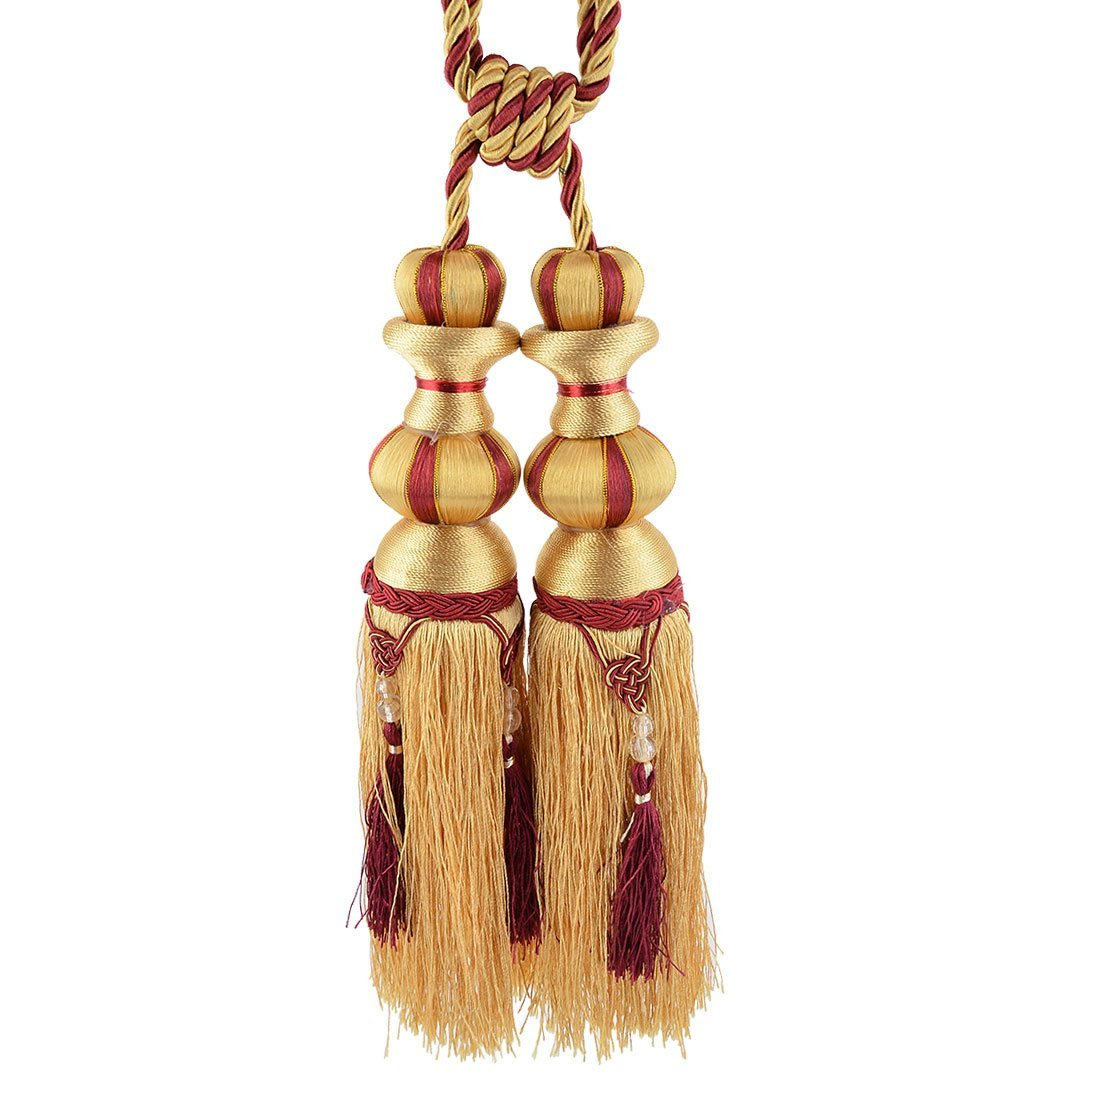 Amazon.com: eDealMax Sala de Nylon Tejido de Bolas decoración de la Ventana de cortinas Tiebacks cuerda Retenciones Cortina borla Par Amarillo: Home & ...